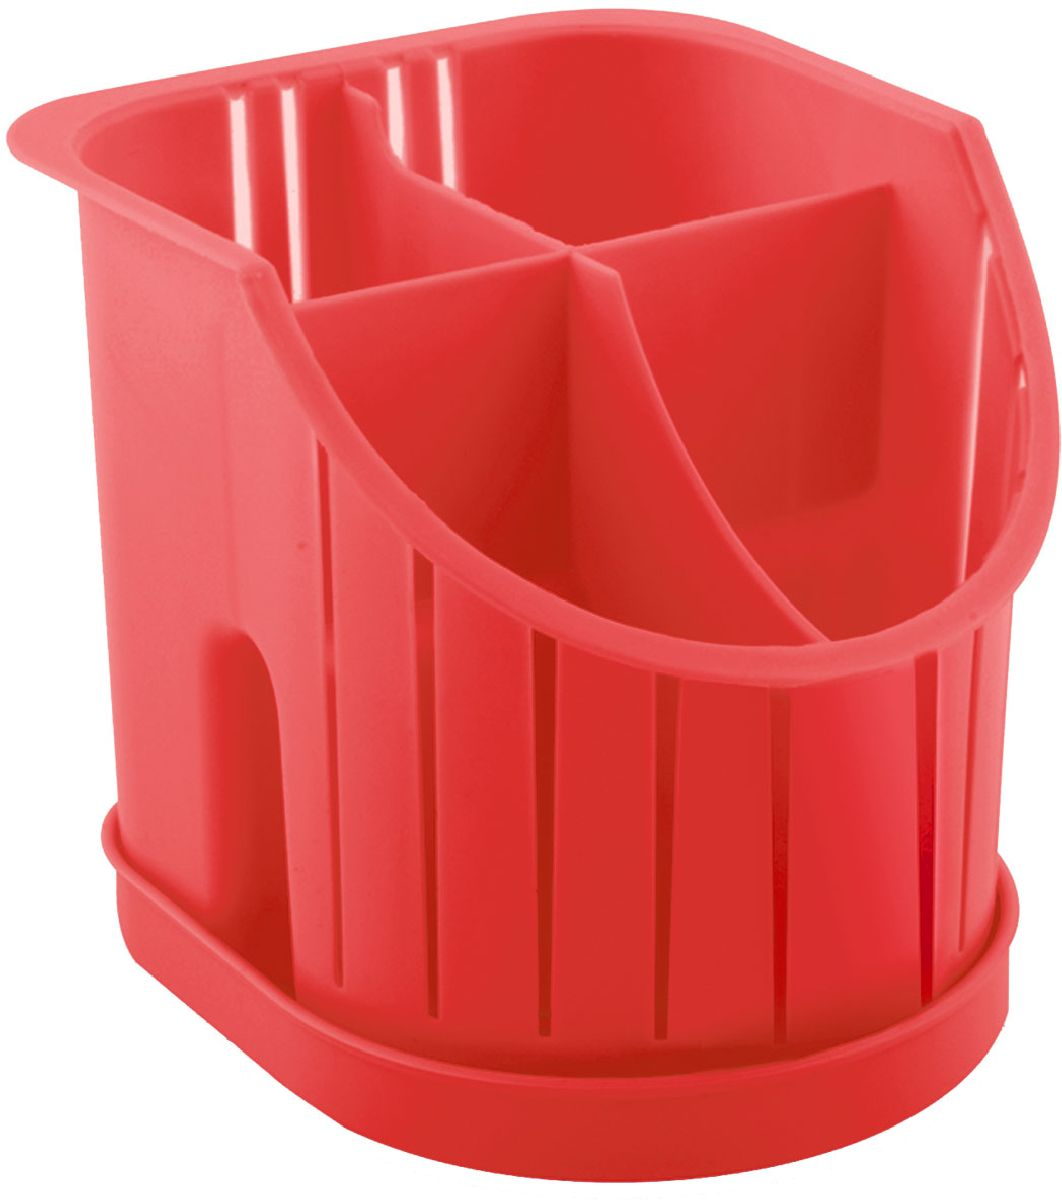 Сушилка для столовых приборов пригодится на любой кухне. Четыре секции позволят сушить или хранить столовые приборы по отдельности (ножи, вилки, ложки и т.п.).  Сушилка снабжена поддоном. Размер сушилки: 16 х 14,2 х 12,8 см.